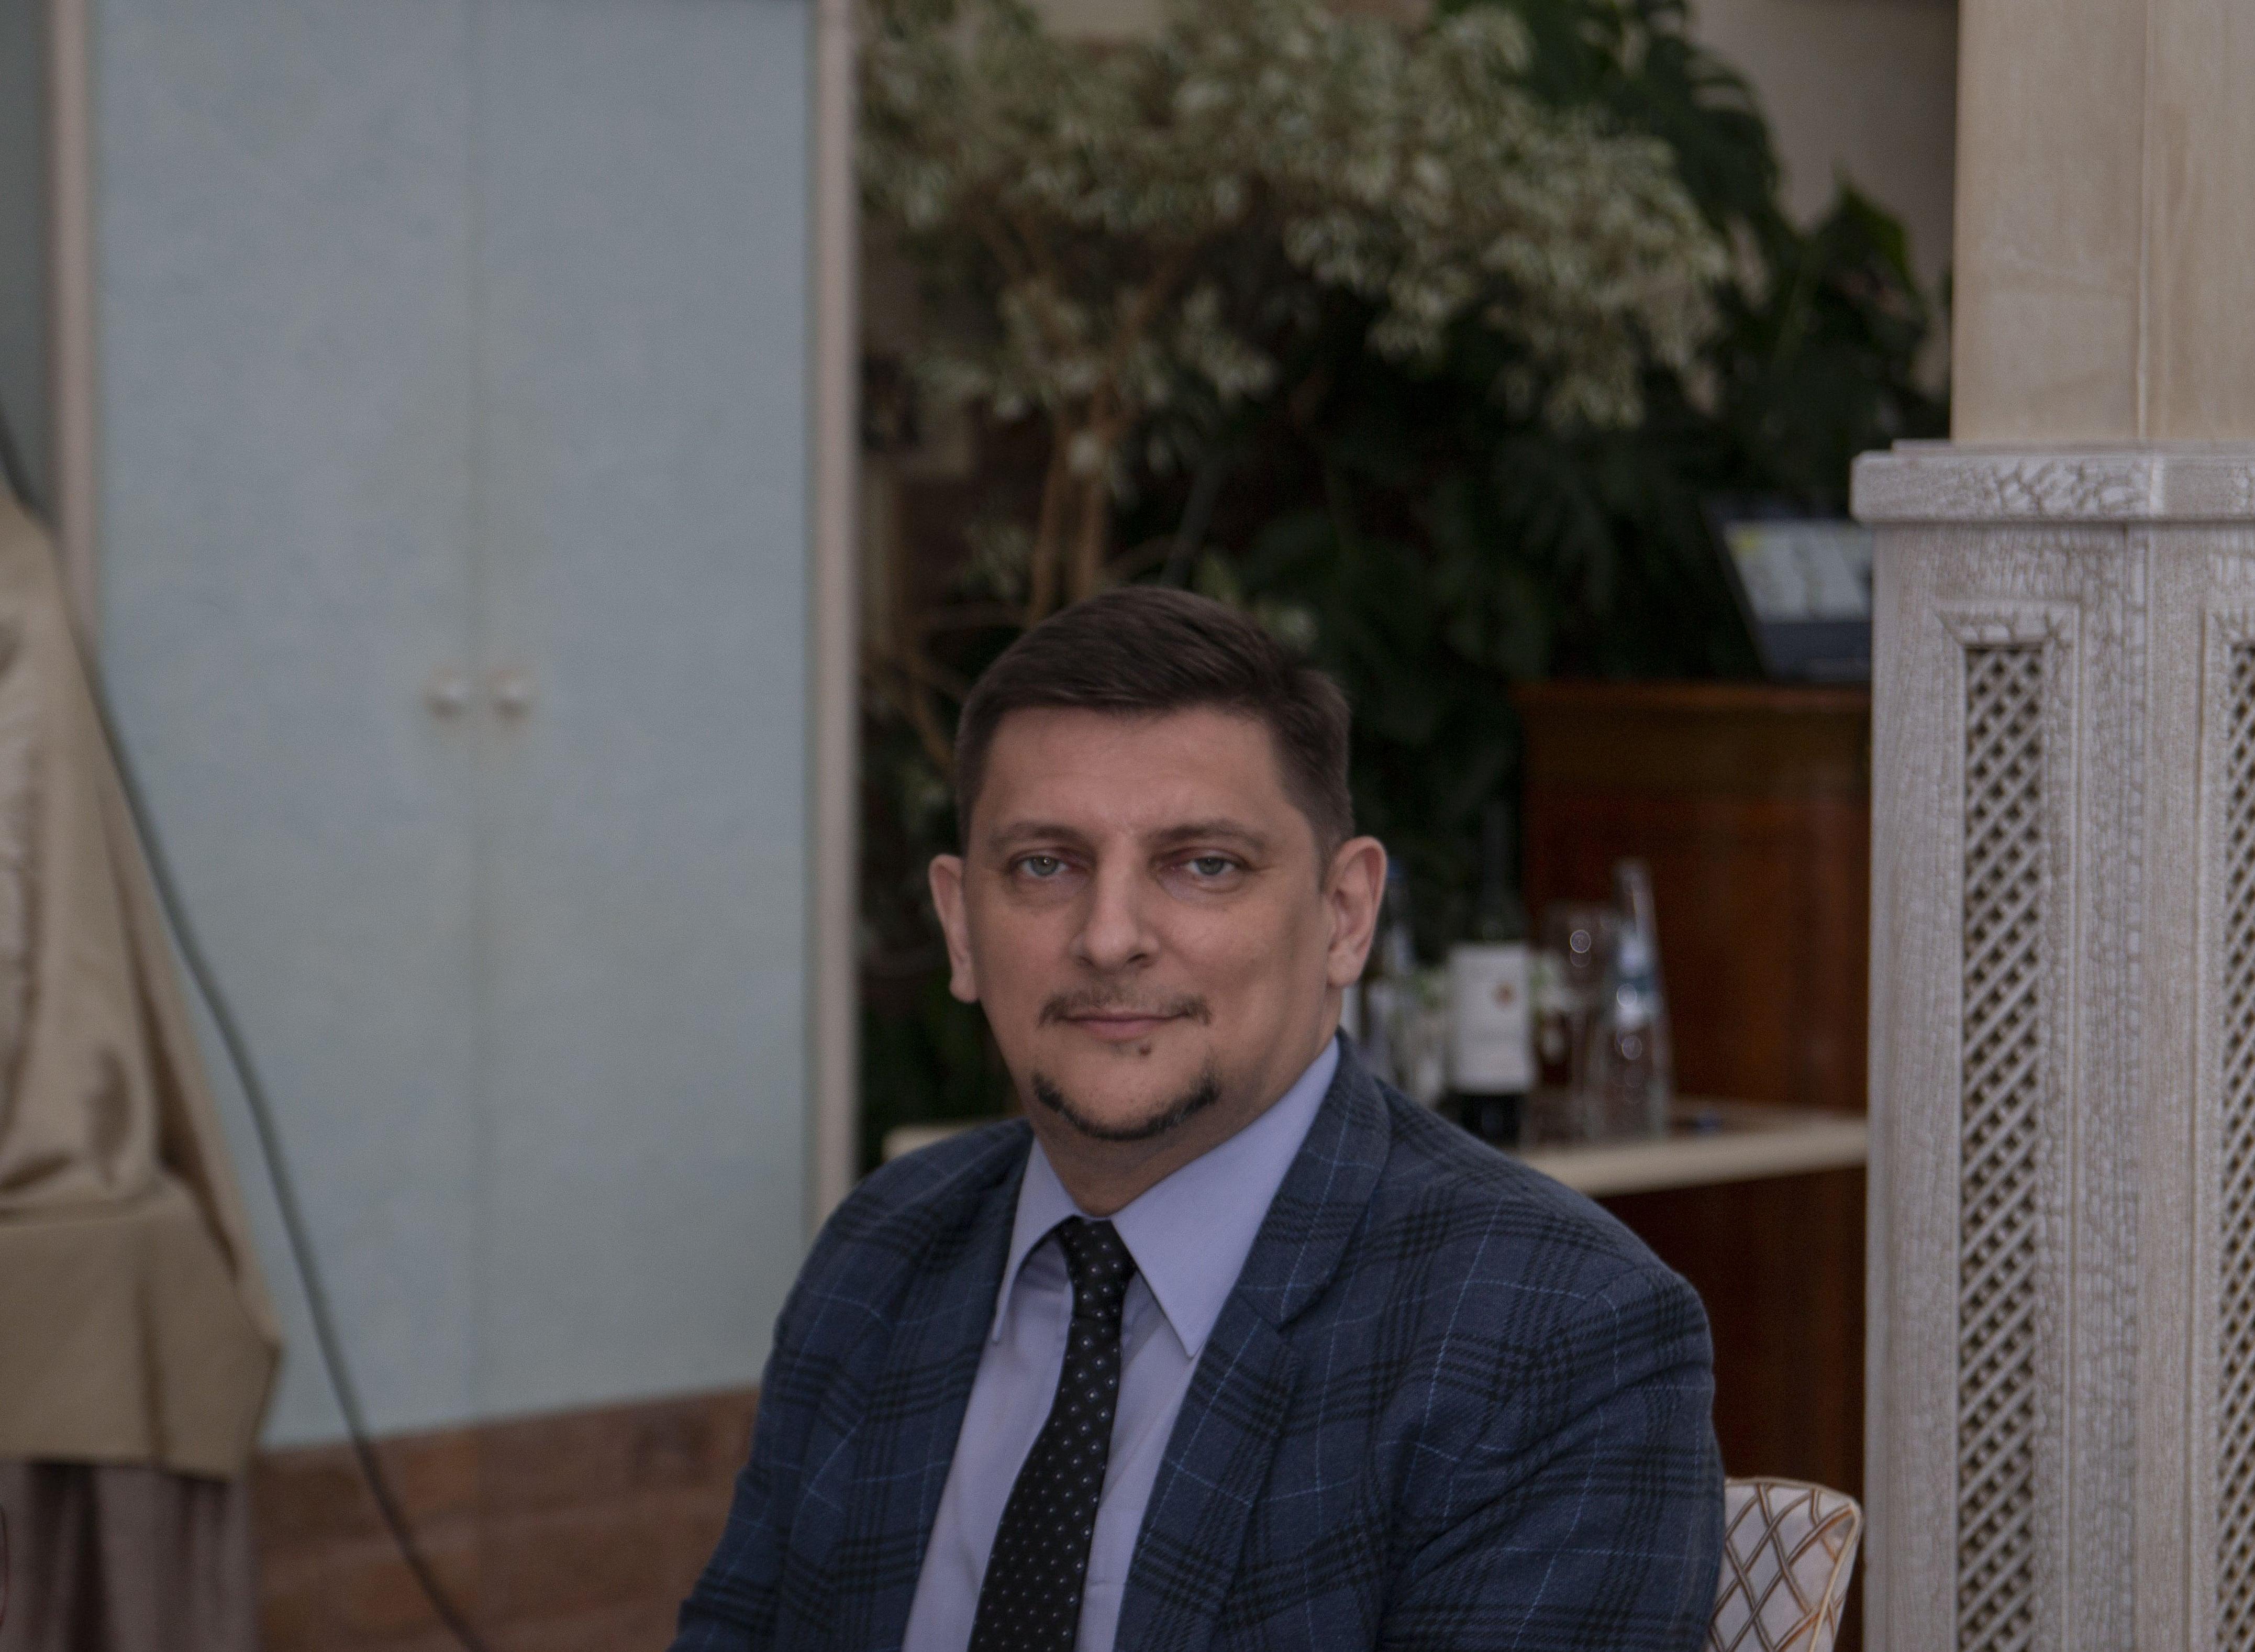 Заседание, посвященное старту конкурса грантовых проектов: эксперт конкурса Алексей Конобеев